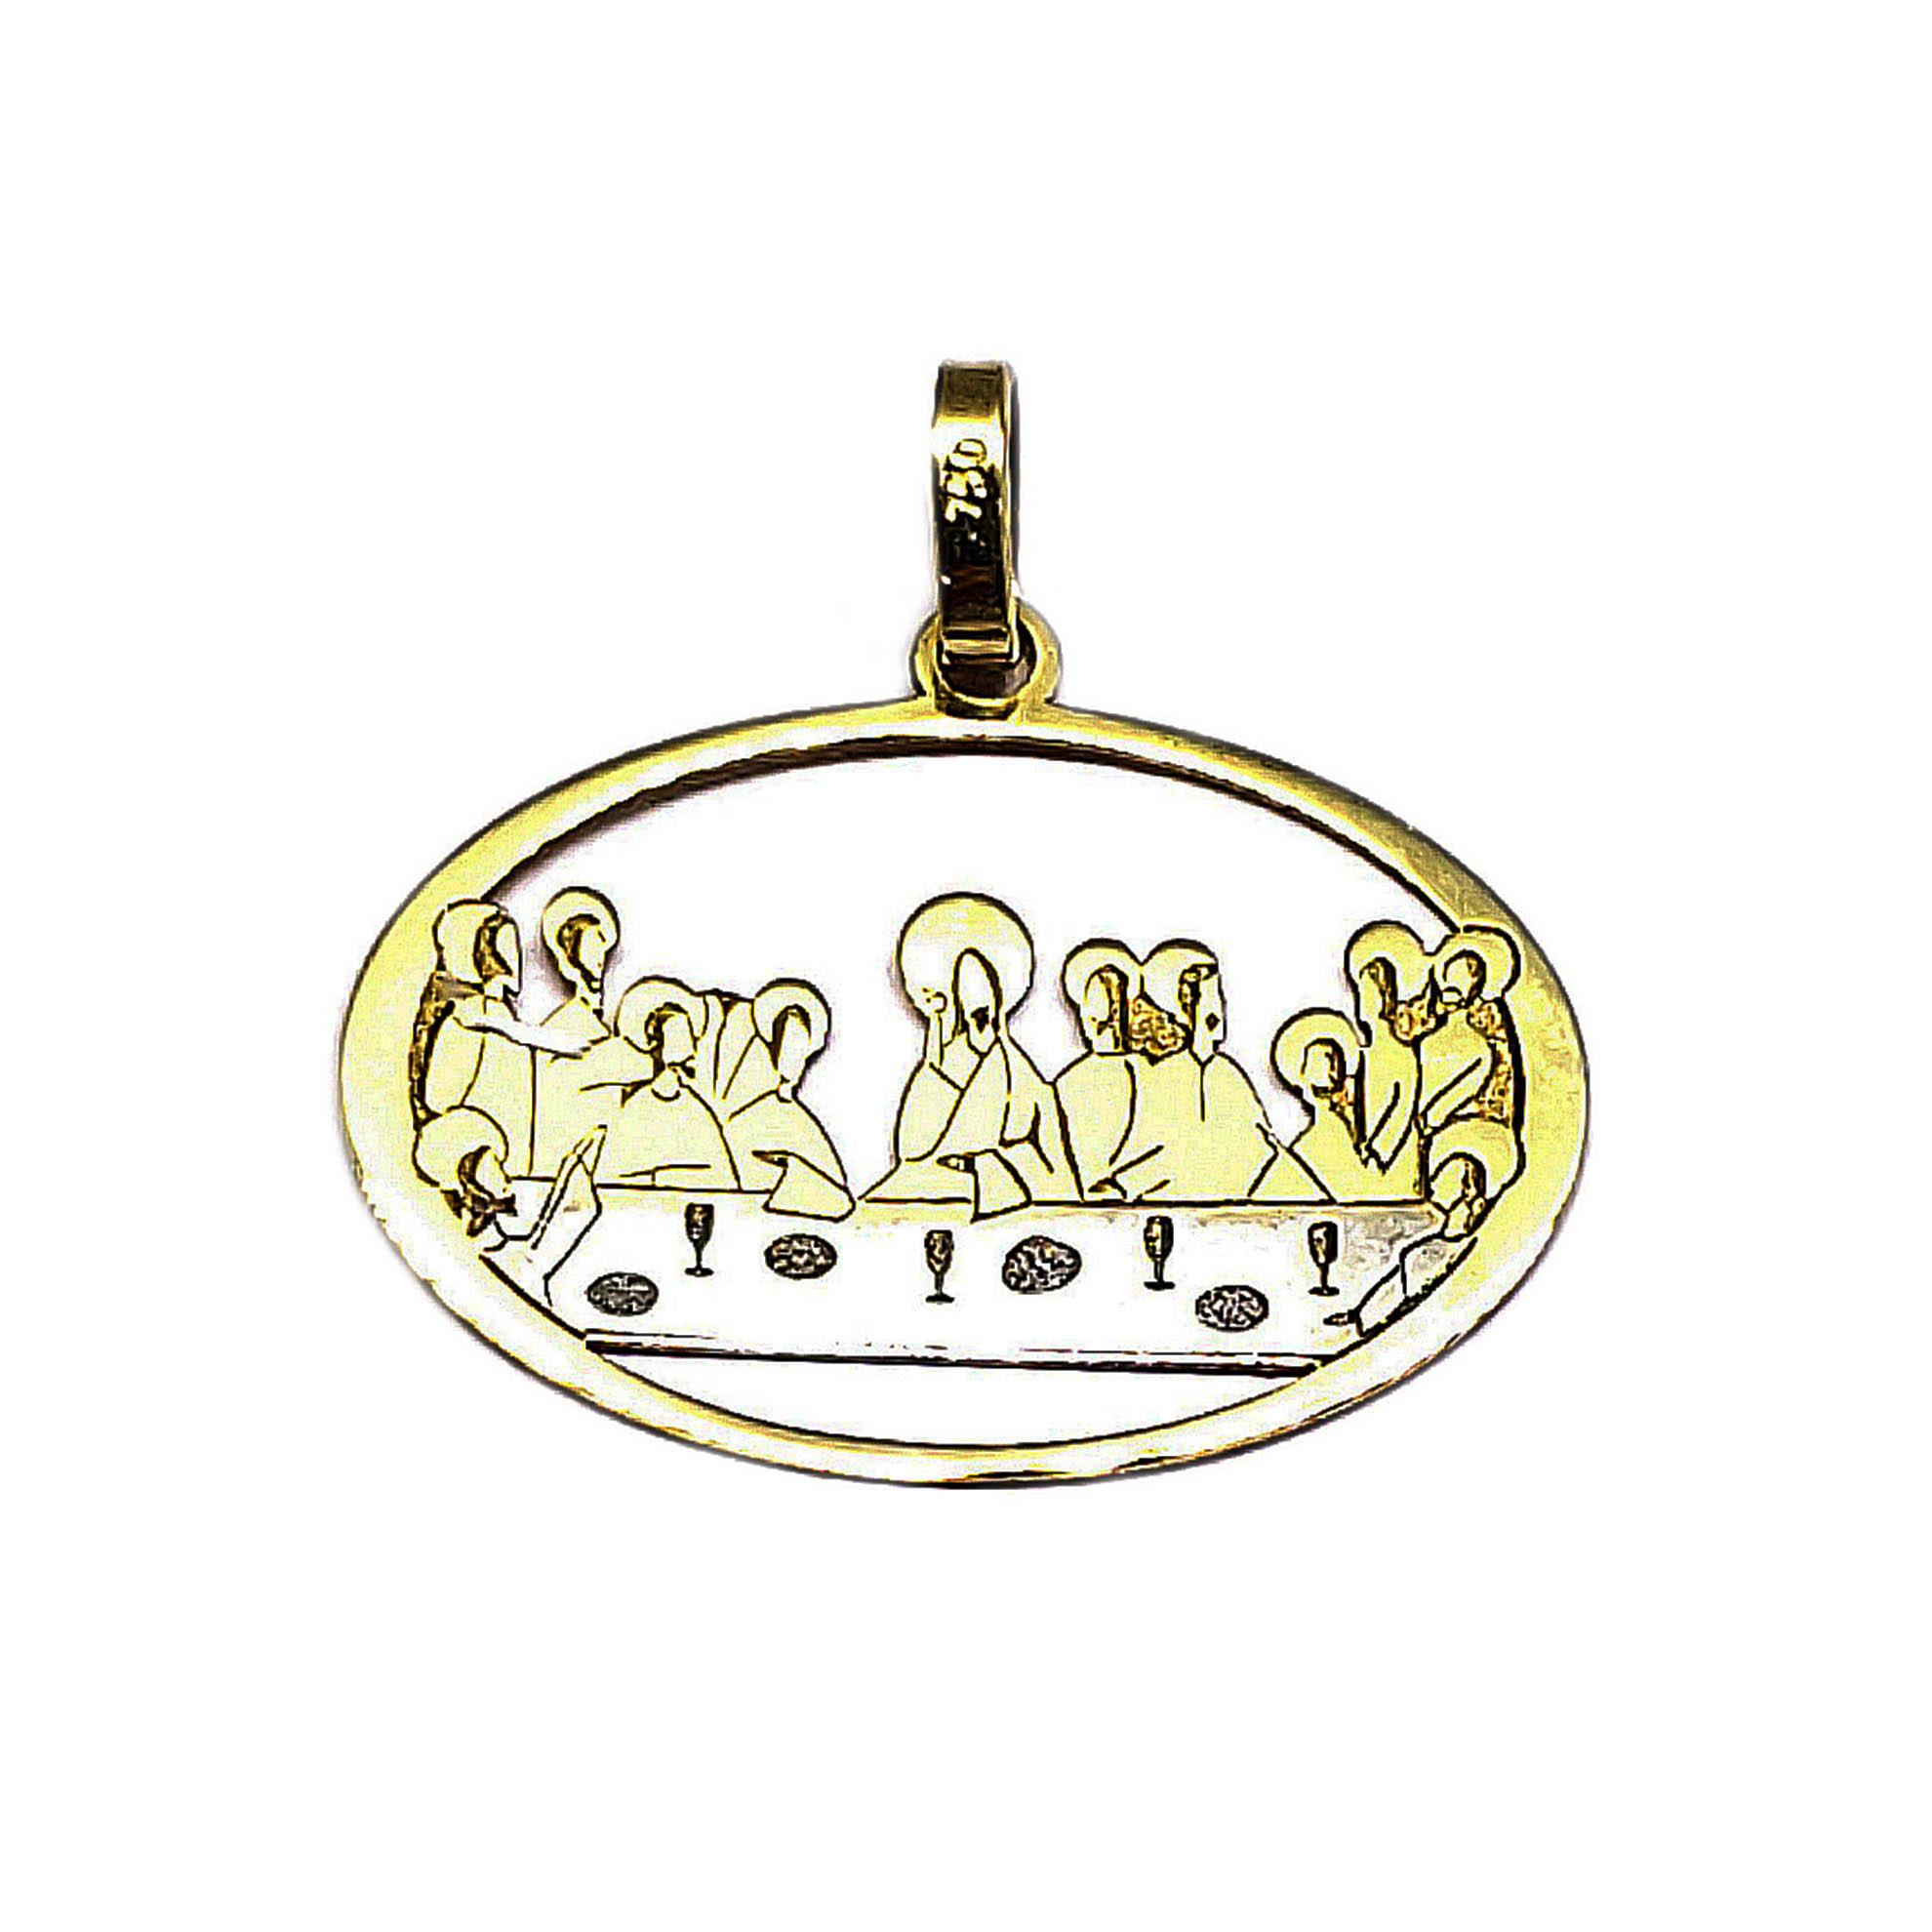 Pingente Santa Ceia em Ouro 18 Kilates